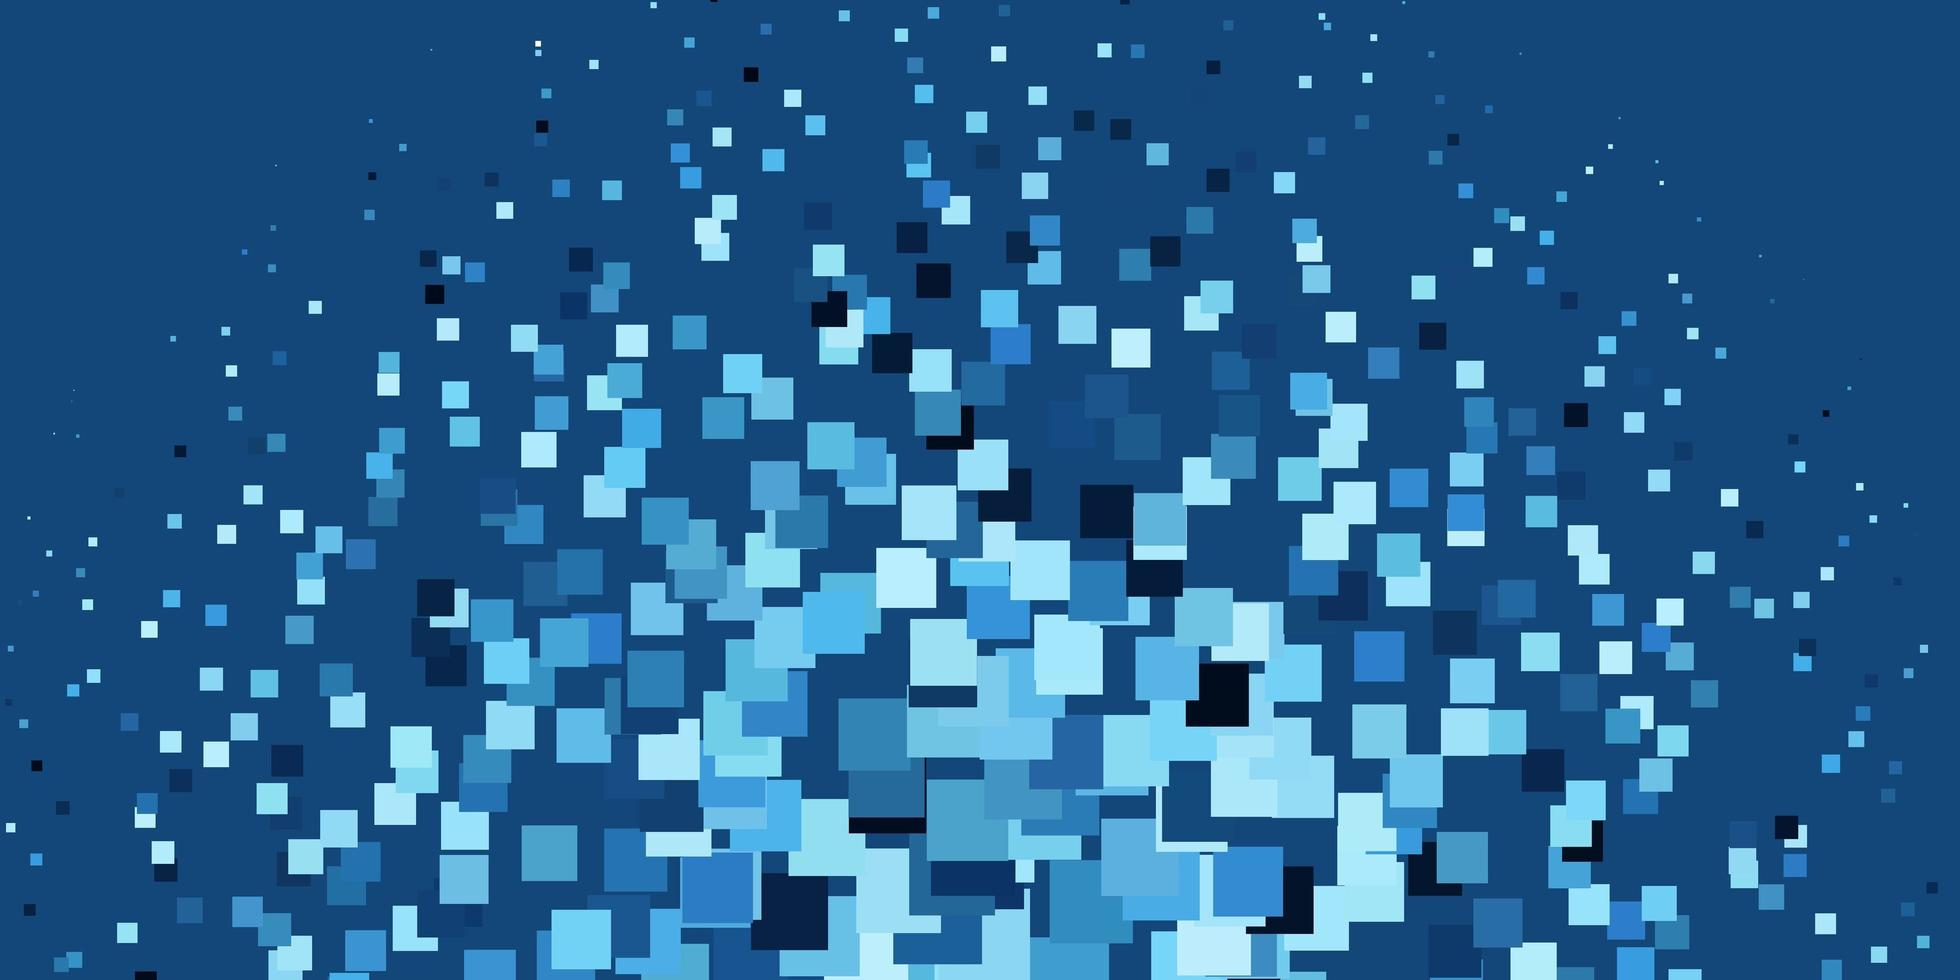 sfondo vettoriale blu chiaro in stile poligonale.